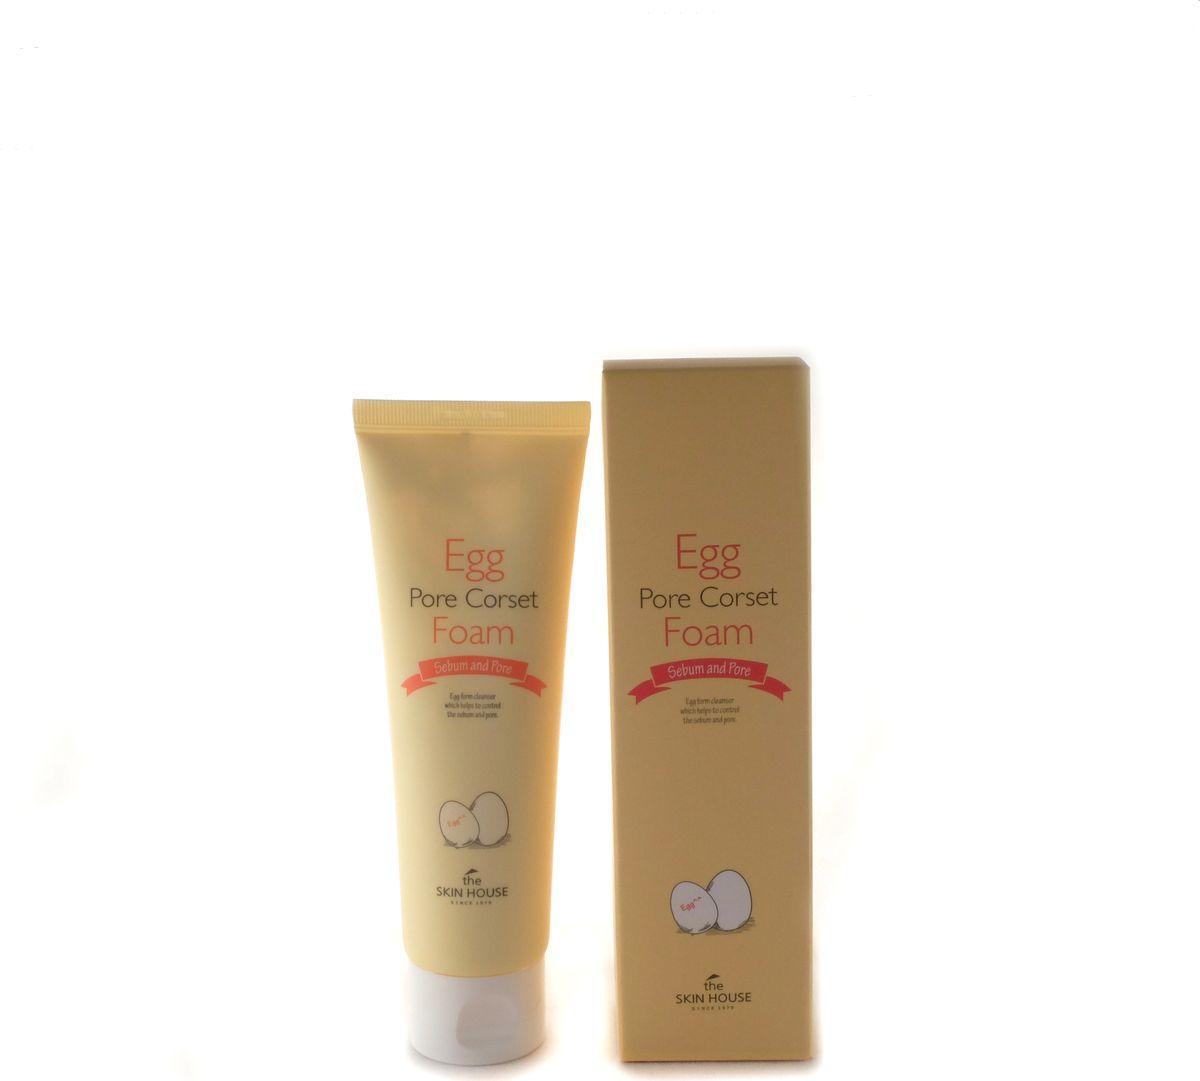 The Skin House Пенка для глубокого очищения и сужения пор, 120 мл10787Пенка с яичным экстрактом глубоко очищает и стягивает поры, разглаживая поверхность кожи, матирует, делает кожу более ровной, светлой и чистой. В условиях суровой городской экологии, наша кожа нуждается в систематическом тщательном очищении. Ее поры часто забиваются загрязнениями, водно-жировой баланс нарушается. Пенка с эффектом стягивания пор Egg Pore Corset Foam мягко вычистит загрязнения из глубины пор, предотвращая нарушения гидролипидного баланса, возникновение черных точек, а также матирует кожу и минимизирует поры. В пенке, помимо яичного экстракта, содержится экстракт чайного дерева, гамамелиса, центеллы азиатской, спирулины и алоэ вера. Алоэ вера успокаивает и увлажняет кожу, гамамелис разглаживает и обновляет, центелла азиатская питает, чайное дерево лечит акне и регулирует работу сальных желез, спирулина выводит из кожи загрязнения и следы тяжелых металлов, содержащихся в атмосферной пыли. В результате применения пенки, кожа очистится изнутри, разгладится, станет матовой и чистой, как фарфор.